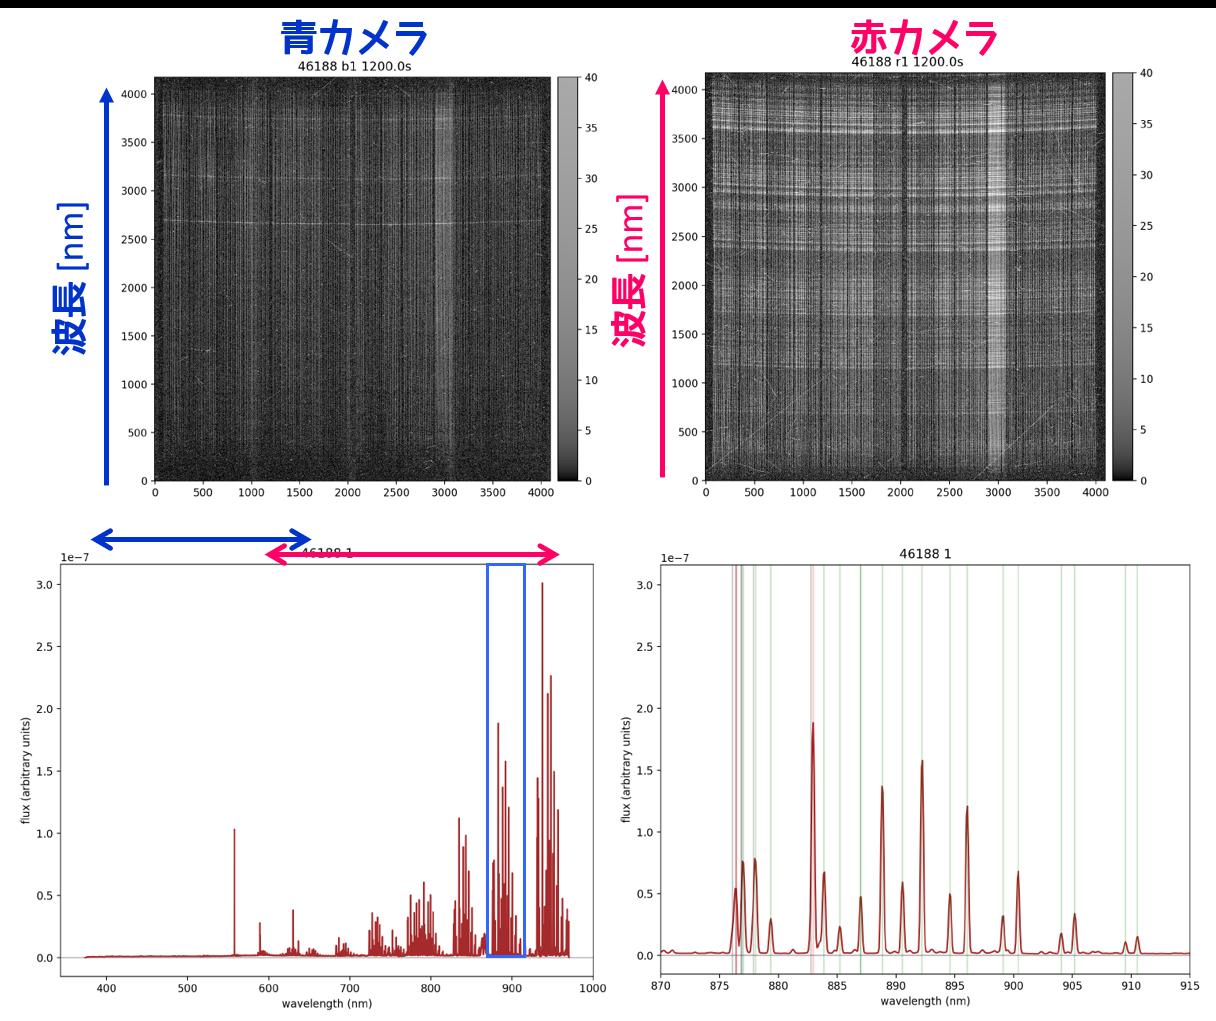 超広視野多天体分光器 PFS の光ファイバーと分光器で夜空の観測に成功 図4